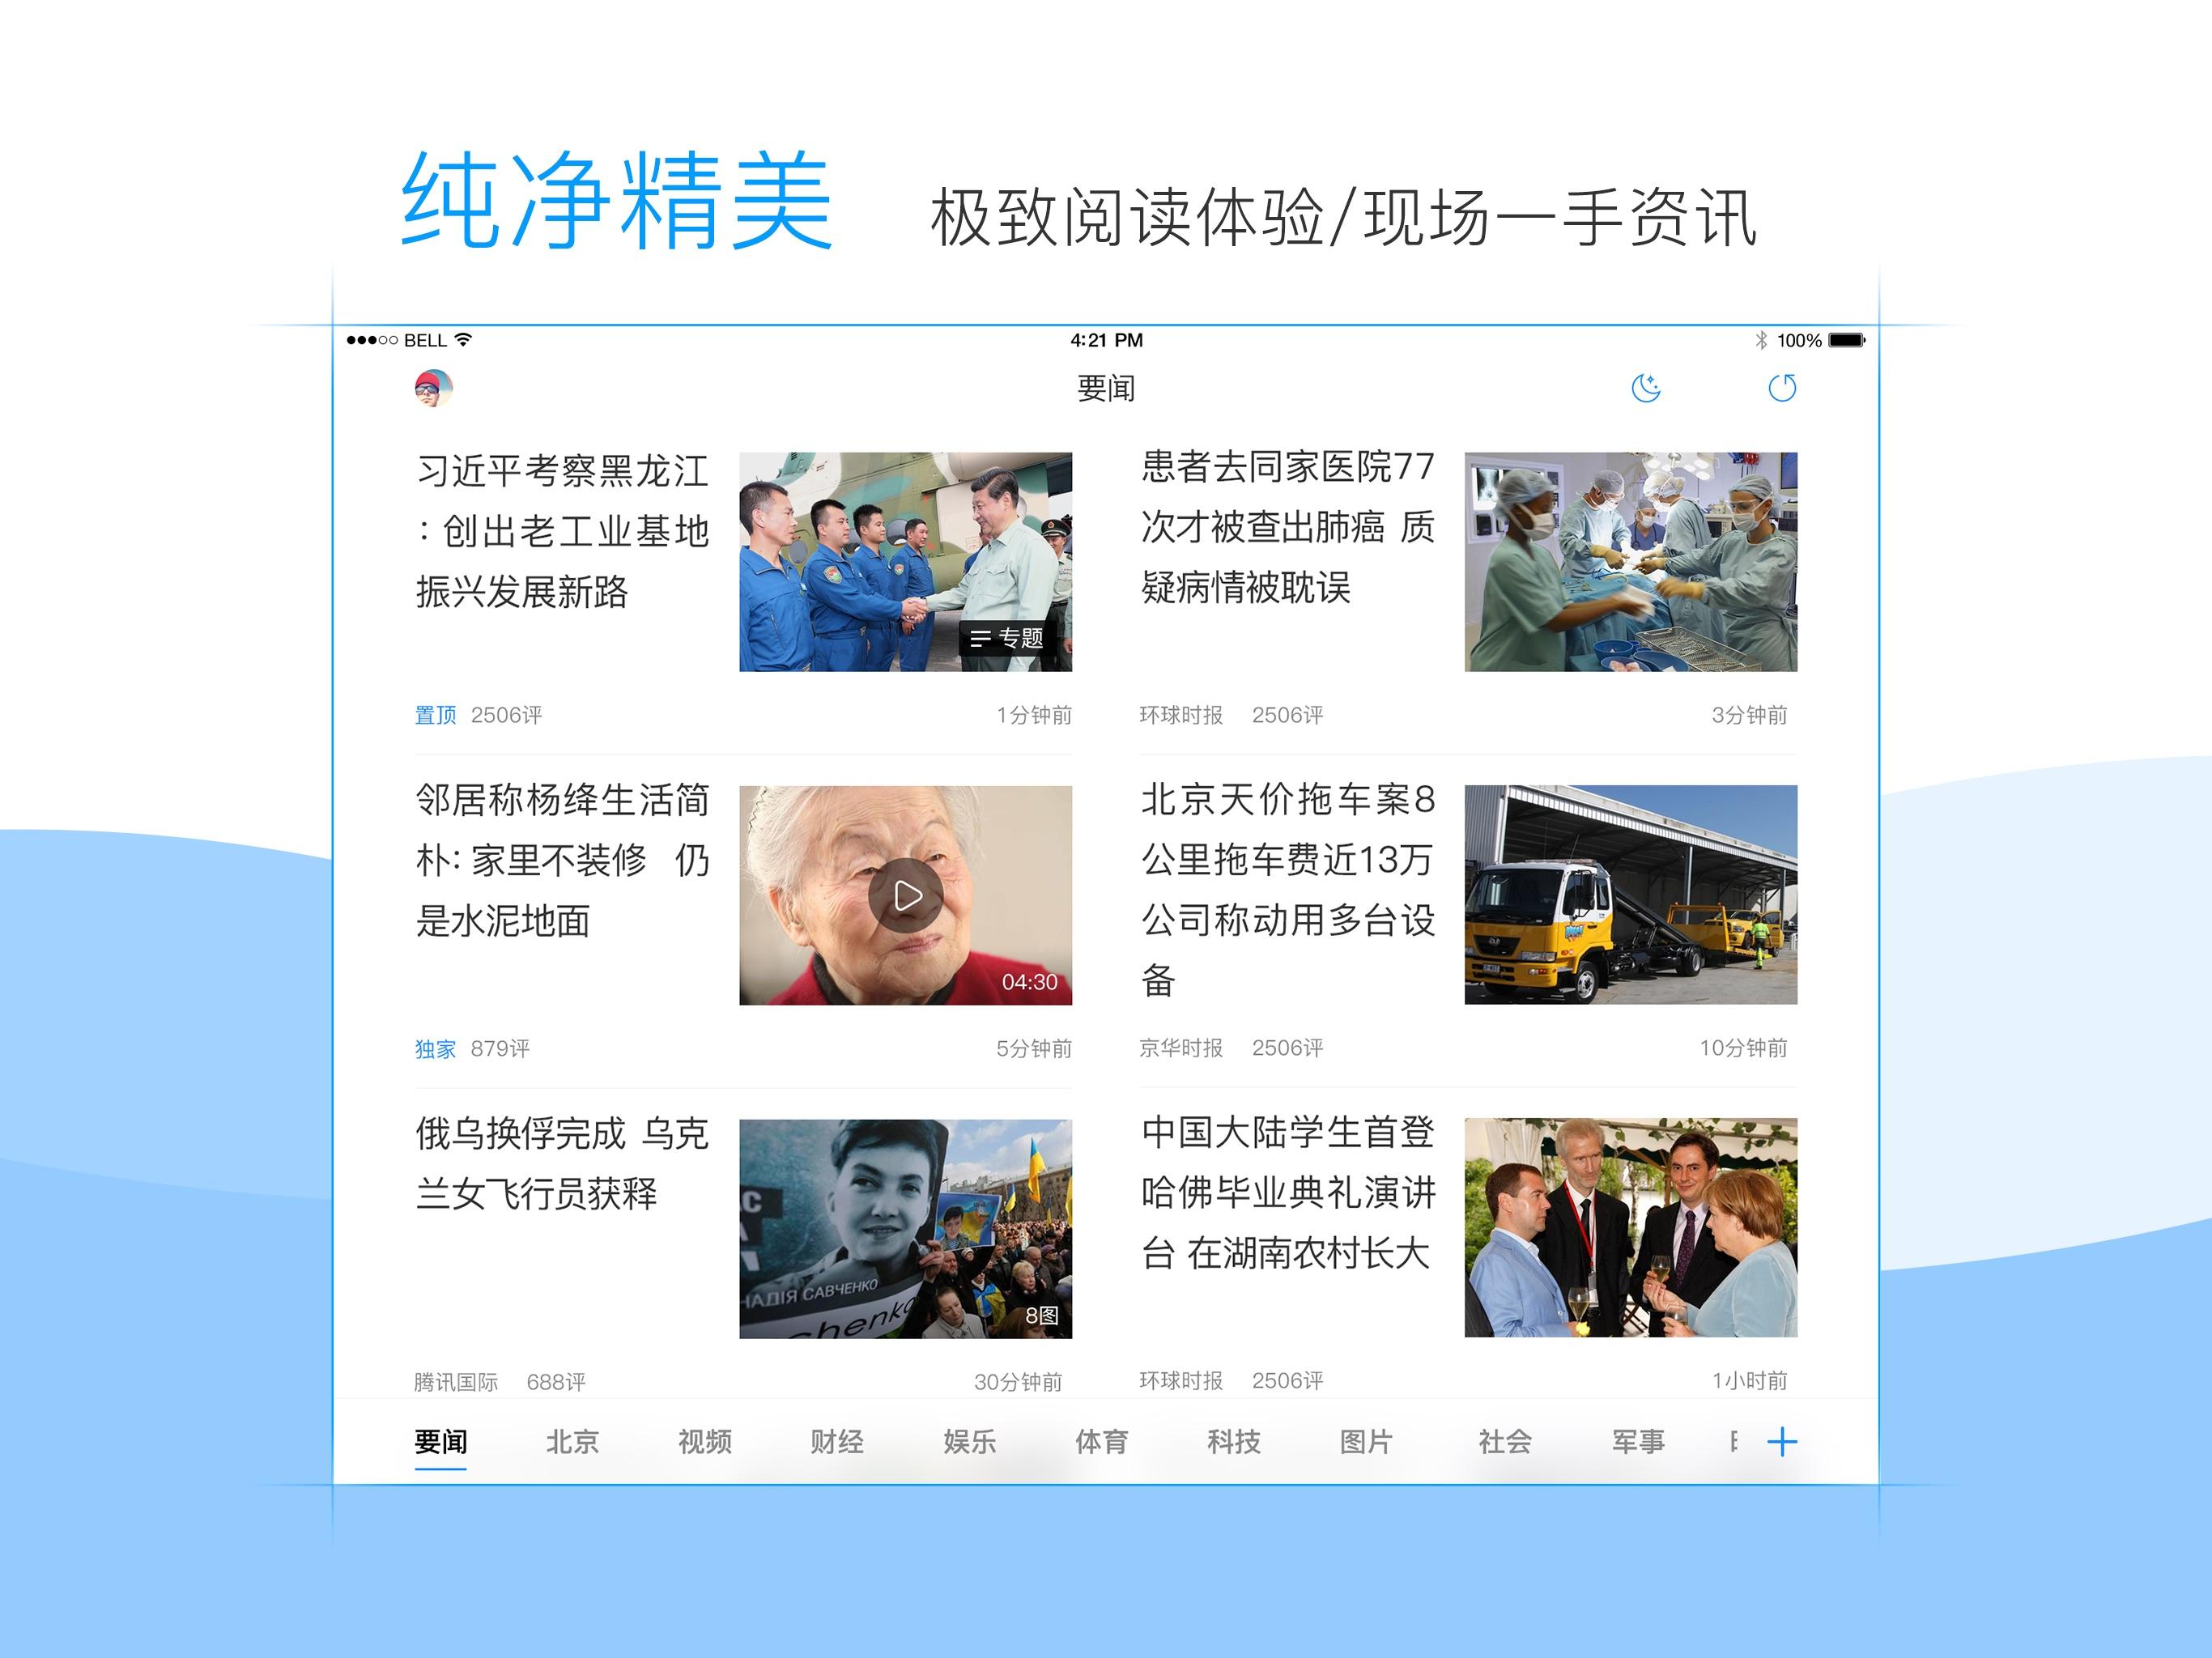 腾讯新闻HD-最资深的阅读软件 Screenshot